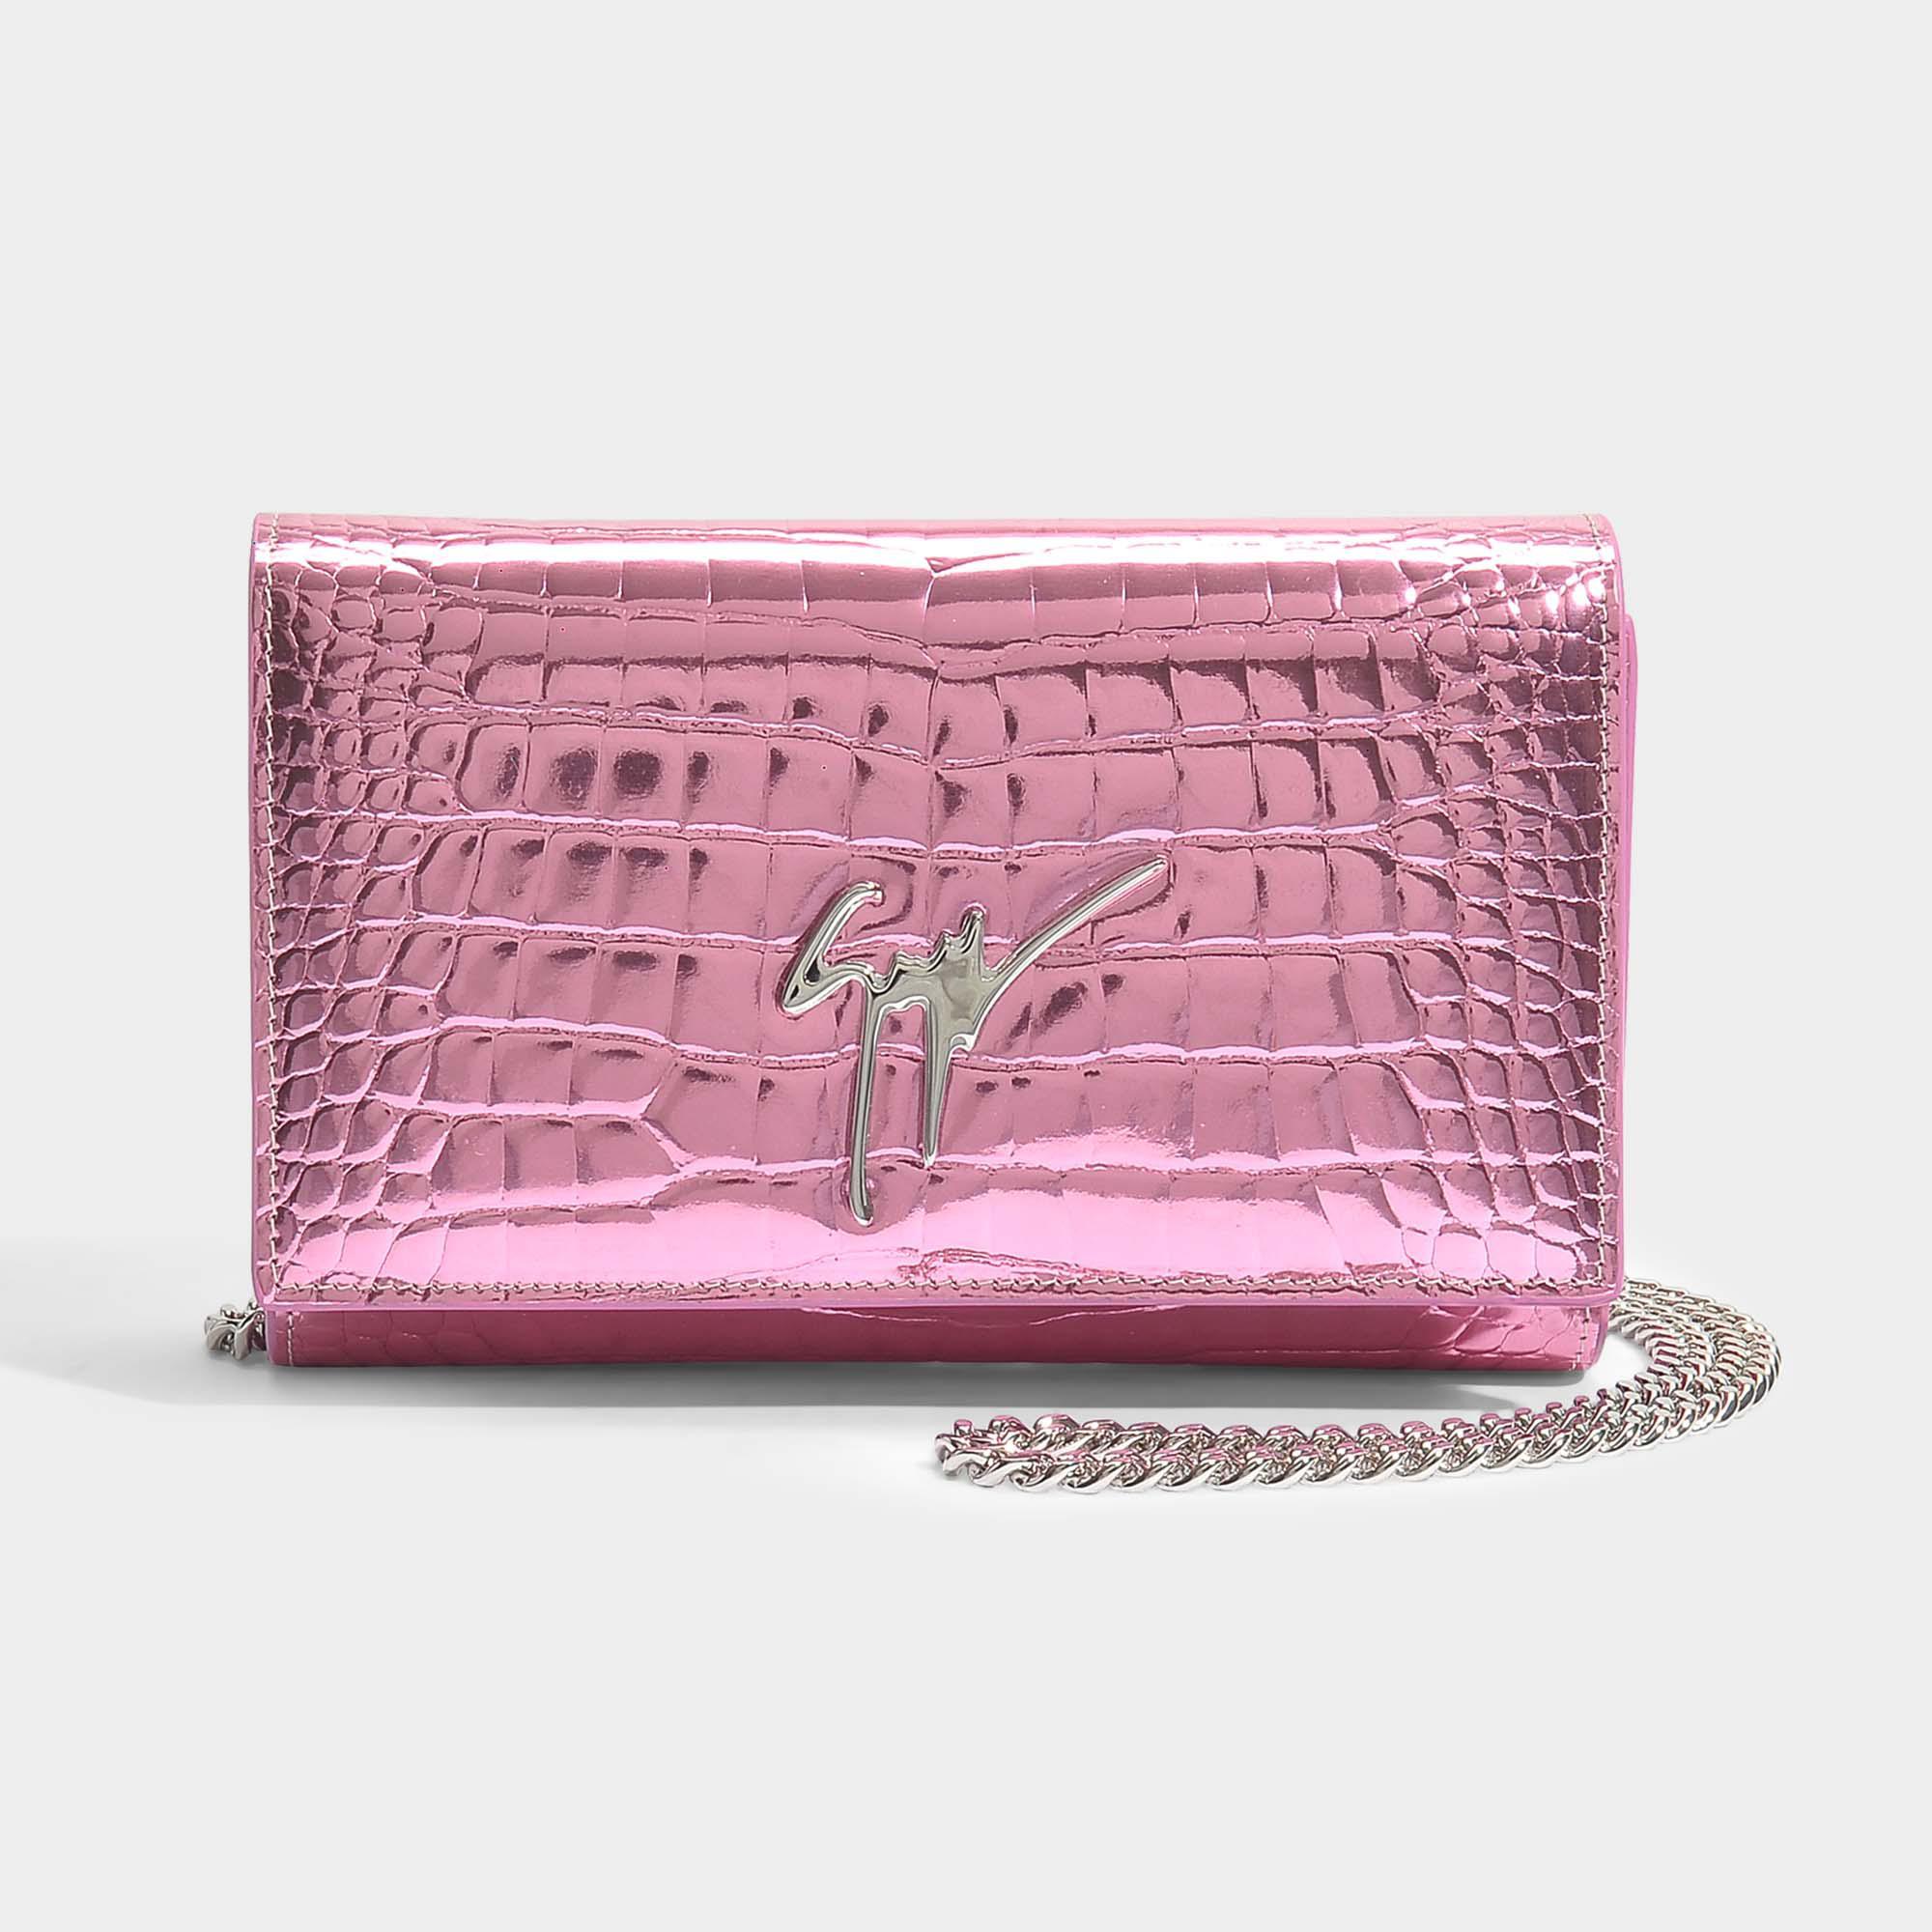 Elettra Small Bag in Pink Elettra Leather Giuseppe Zanotti 4U5L4lto